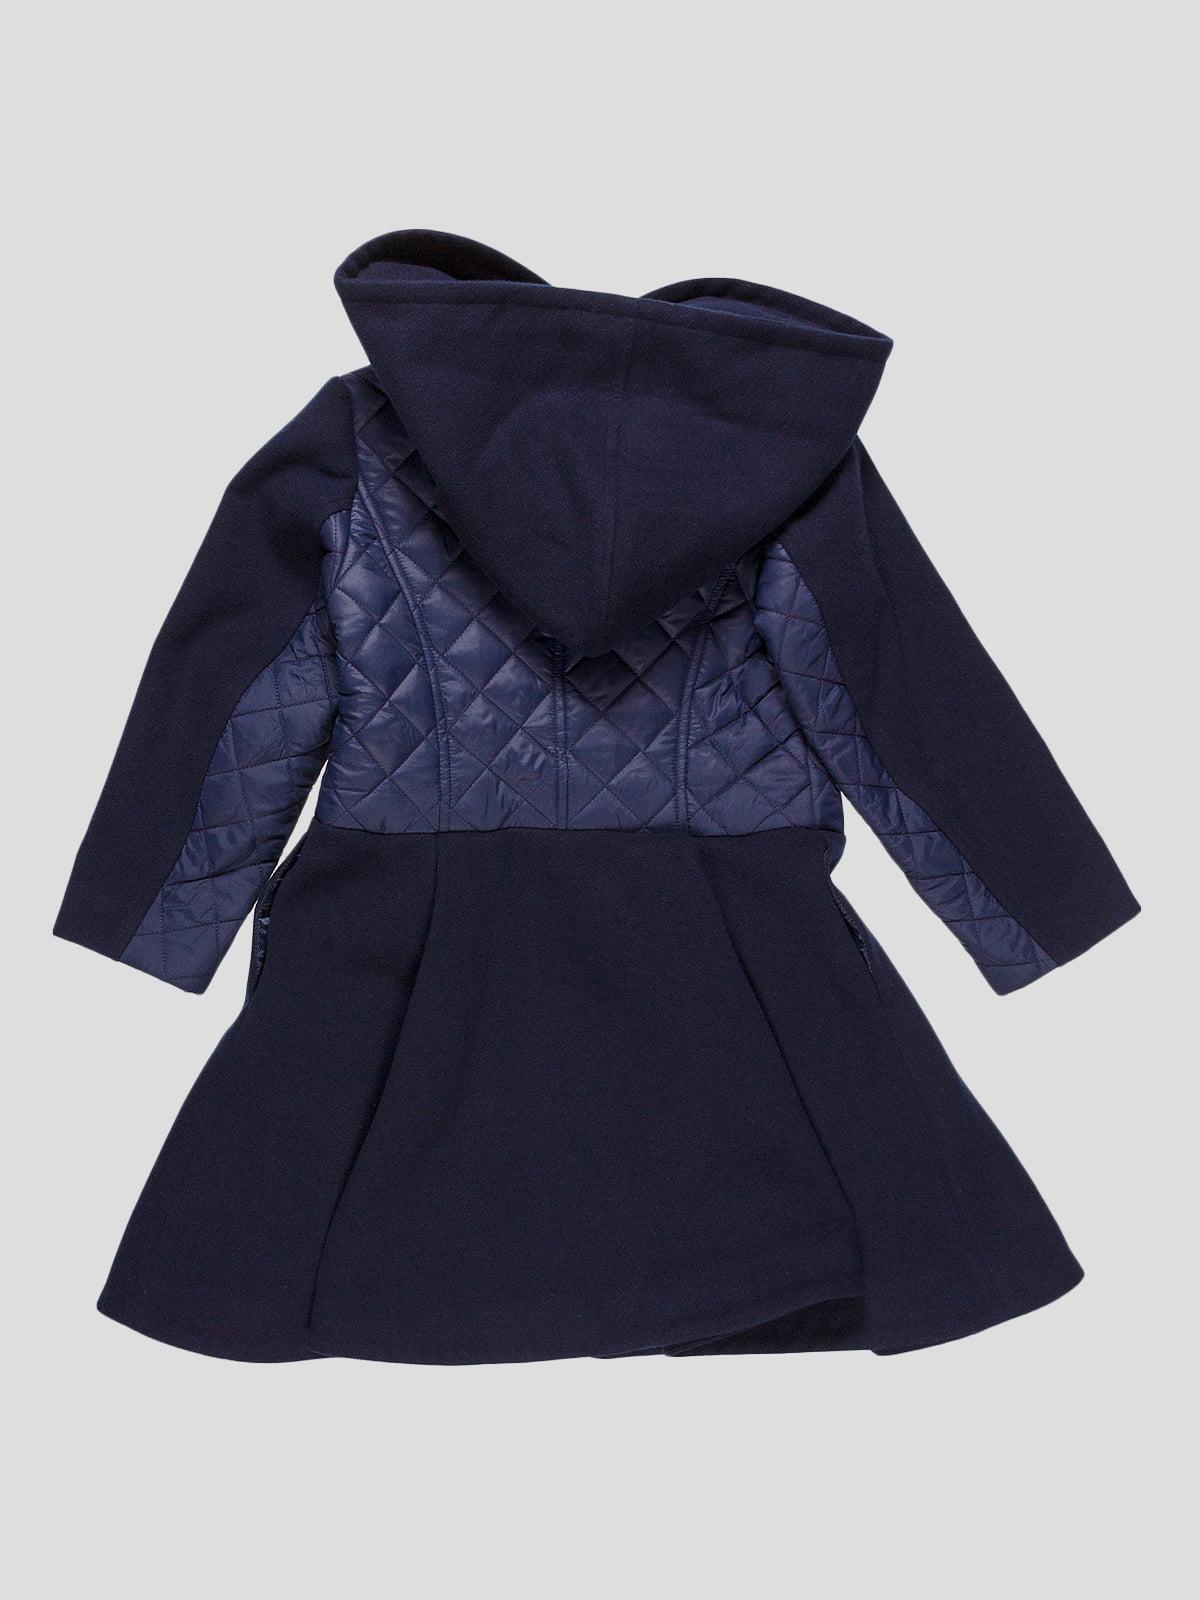 12a9018a Пальто синее — Piccolo, акция действует до 7 февраля 2019 года ...